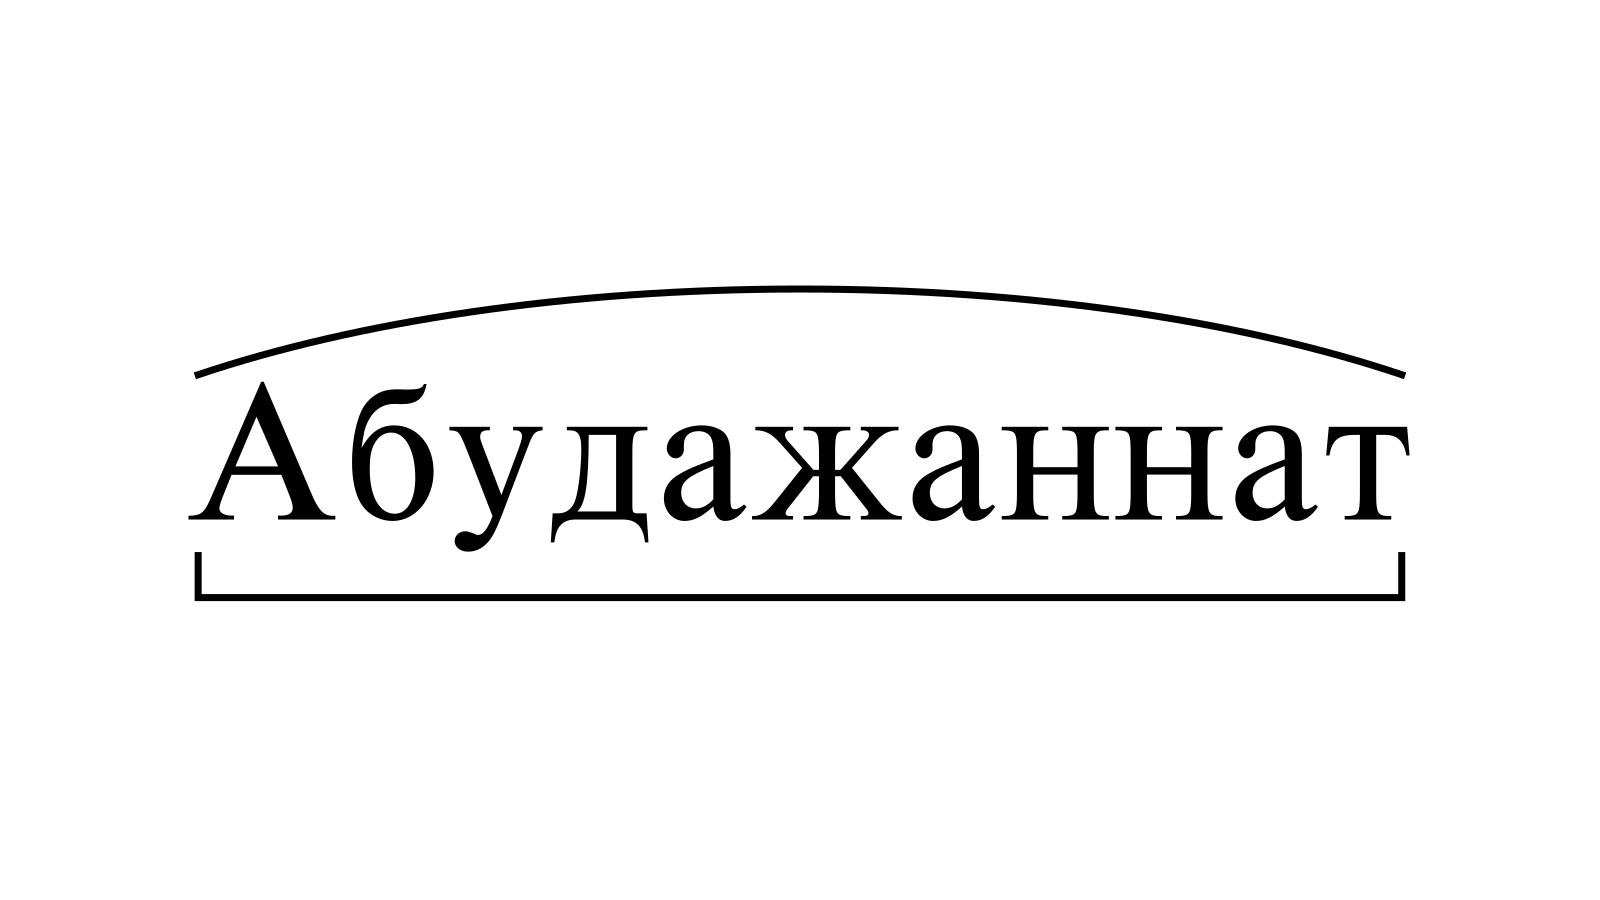 Разбор слова «Абудажаннат» по составу